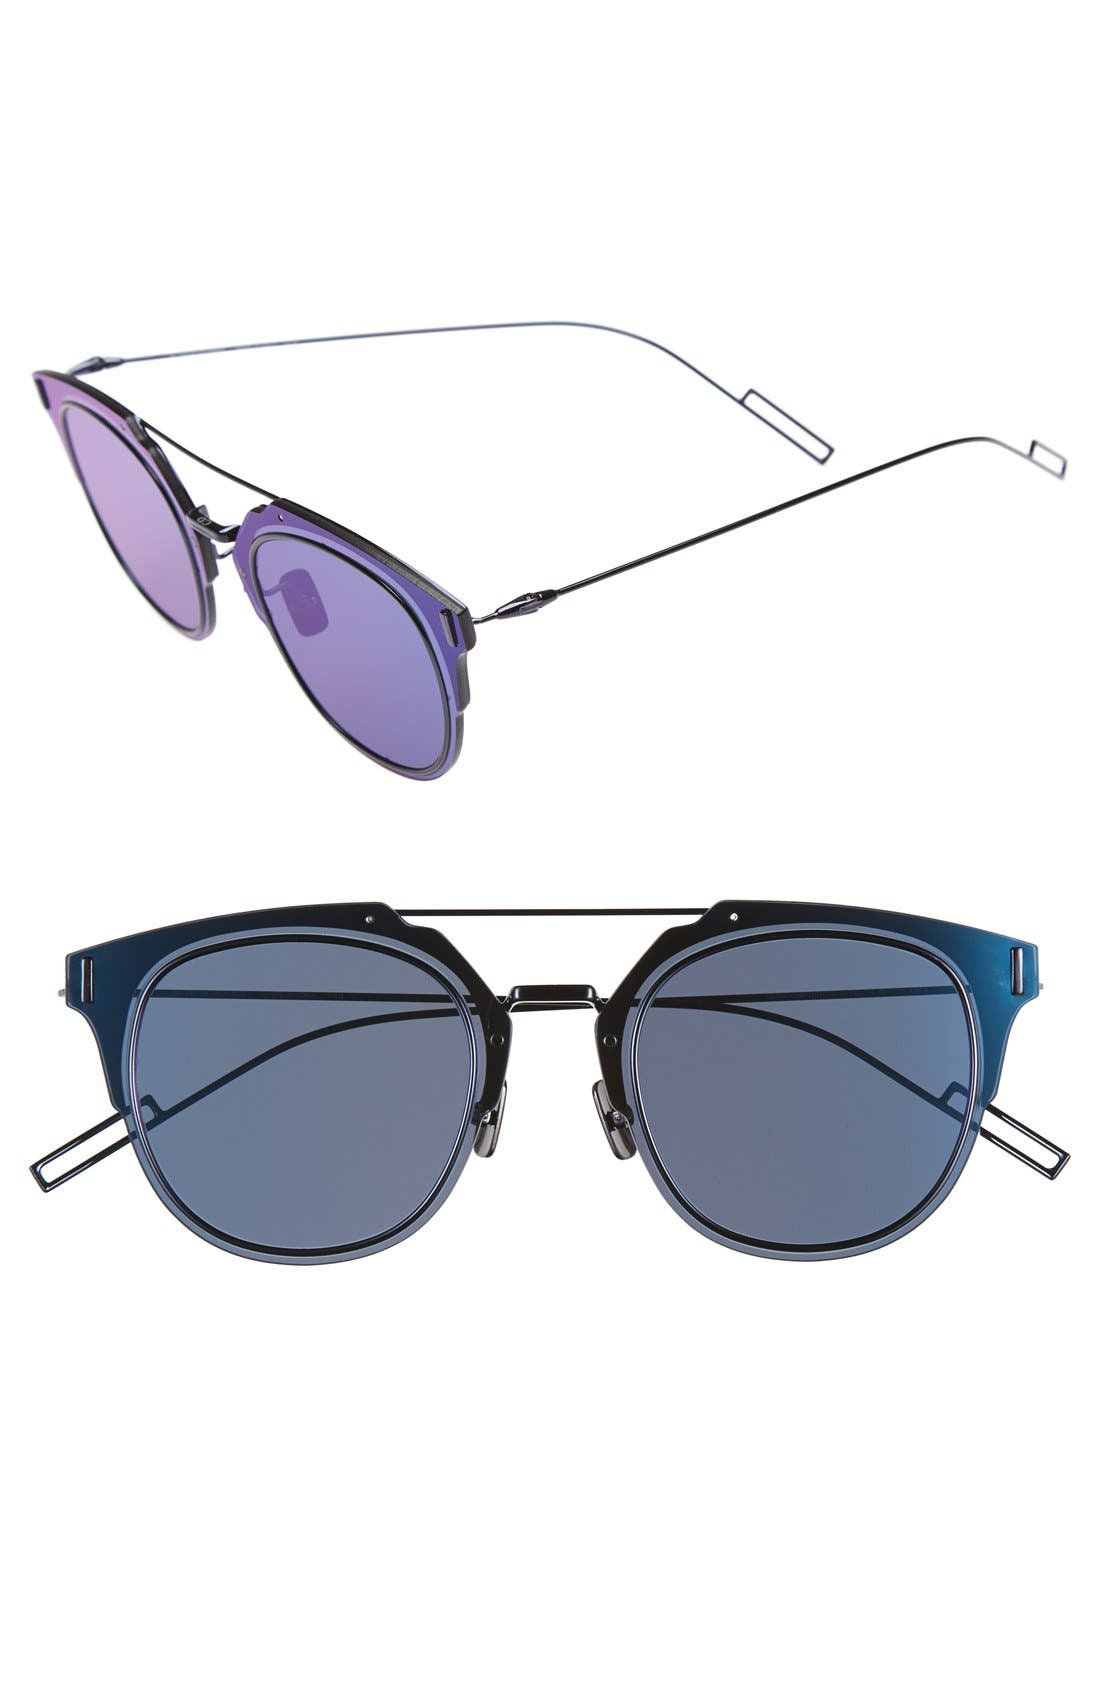 'Composit 1.0S' 62mm Metal Shield Sunglasses,                         Main,                         color, Shiny Blue Ruthenium/ Blue